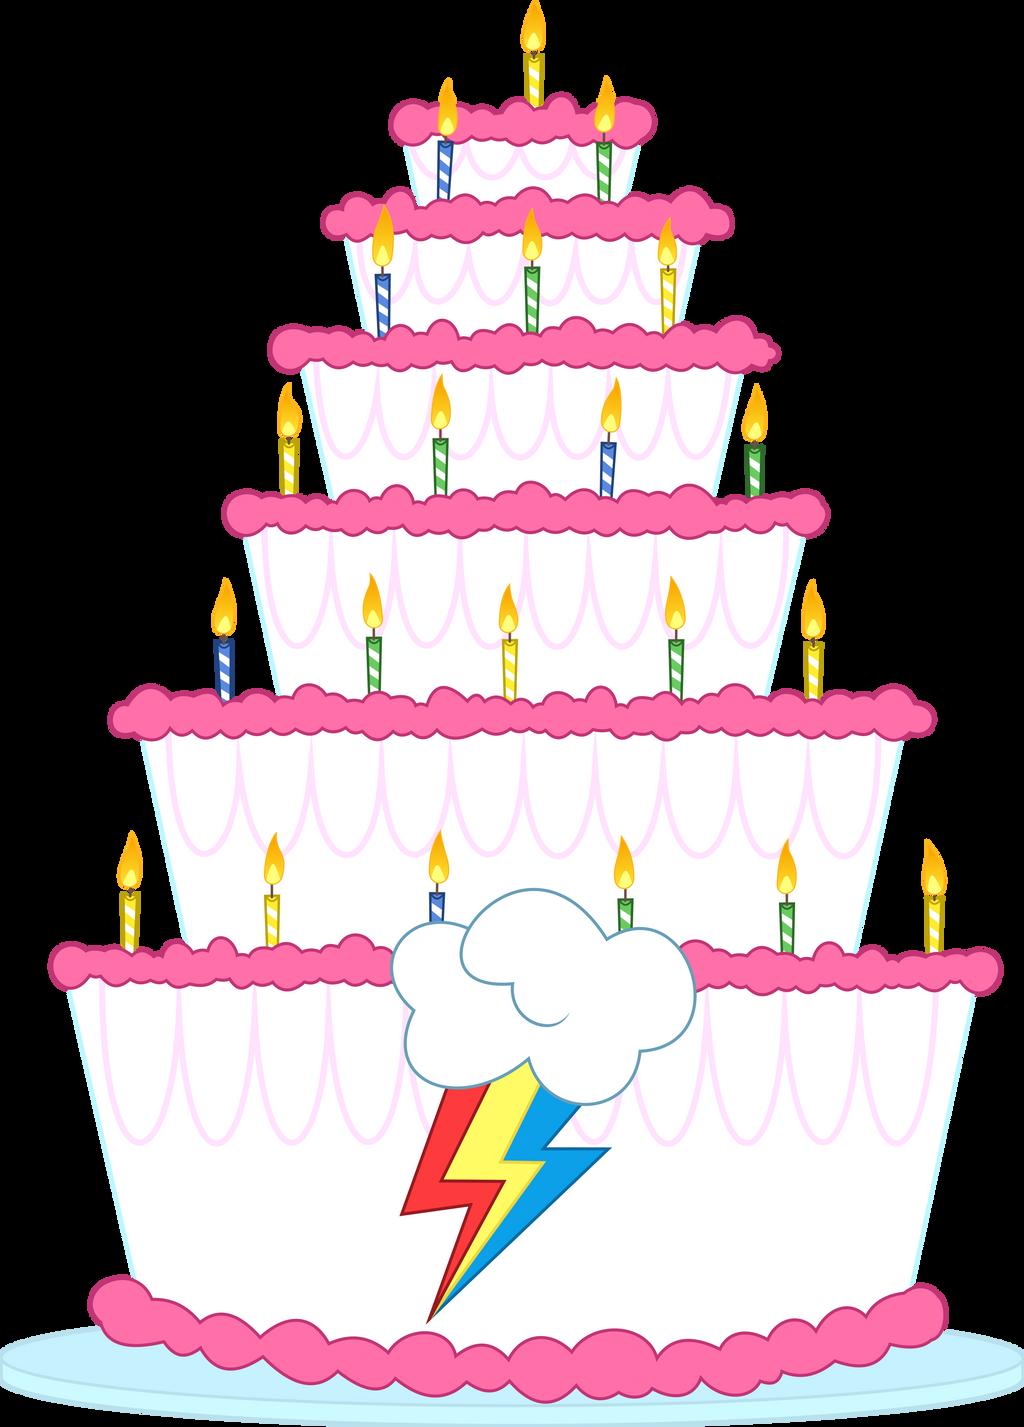 ¡Feliz Cumpleaños! Rainbow_dash_s_birthday_cake_by_dasprid-d74qg8l